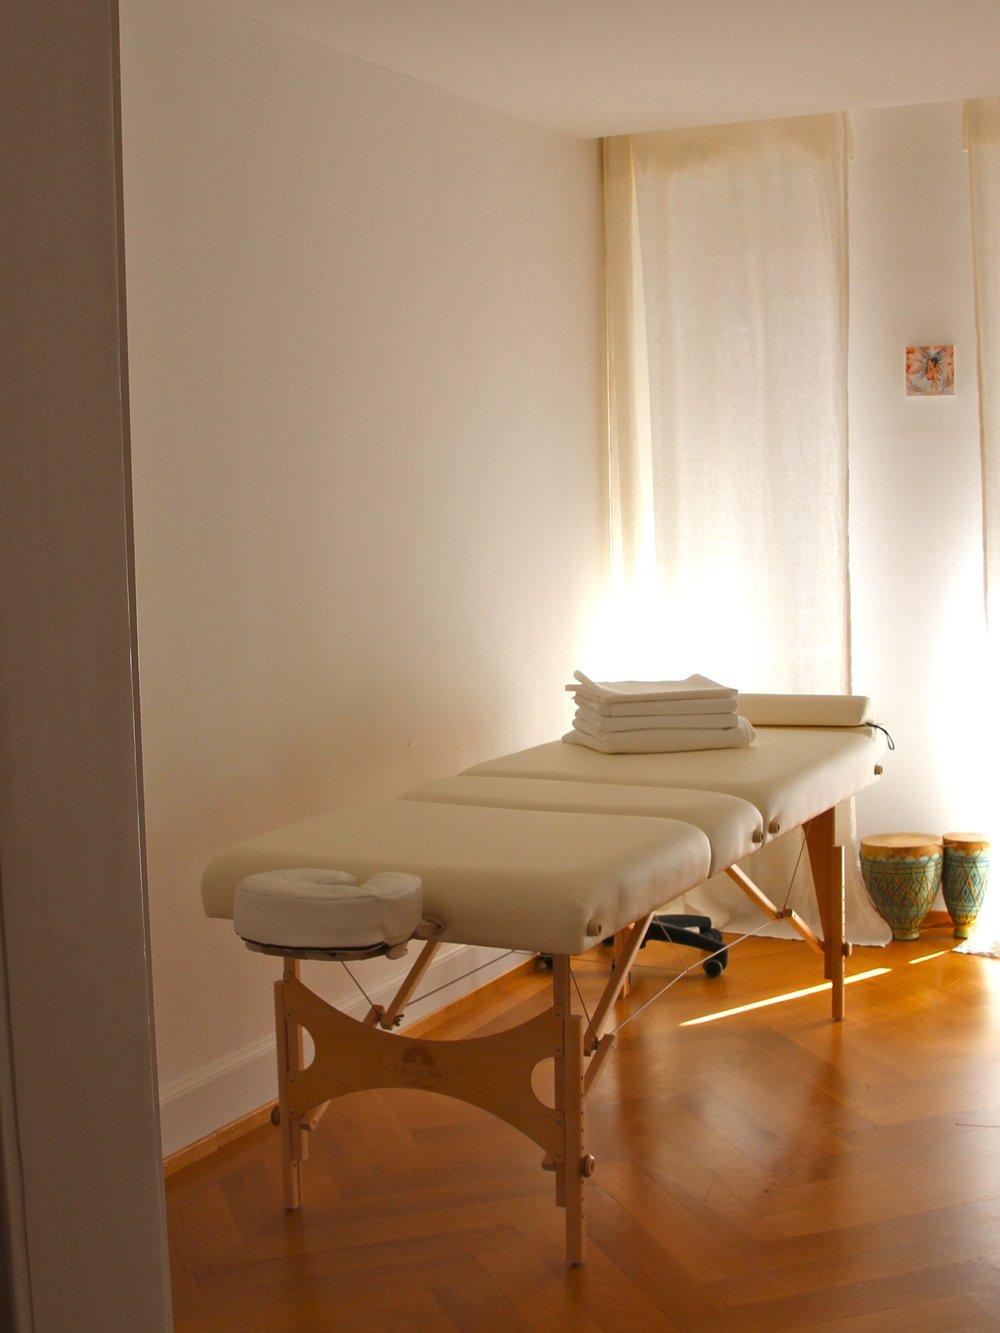 Therapie Raum 2